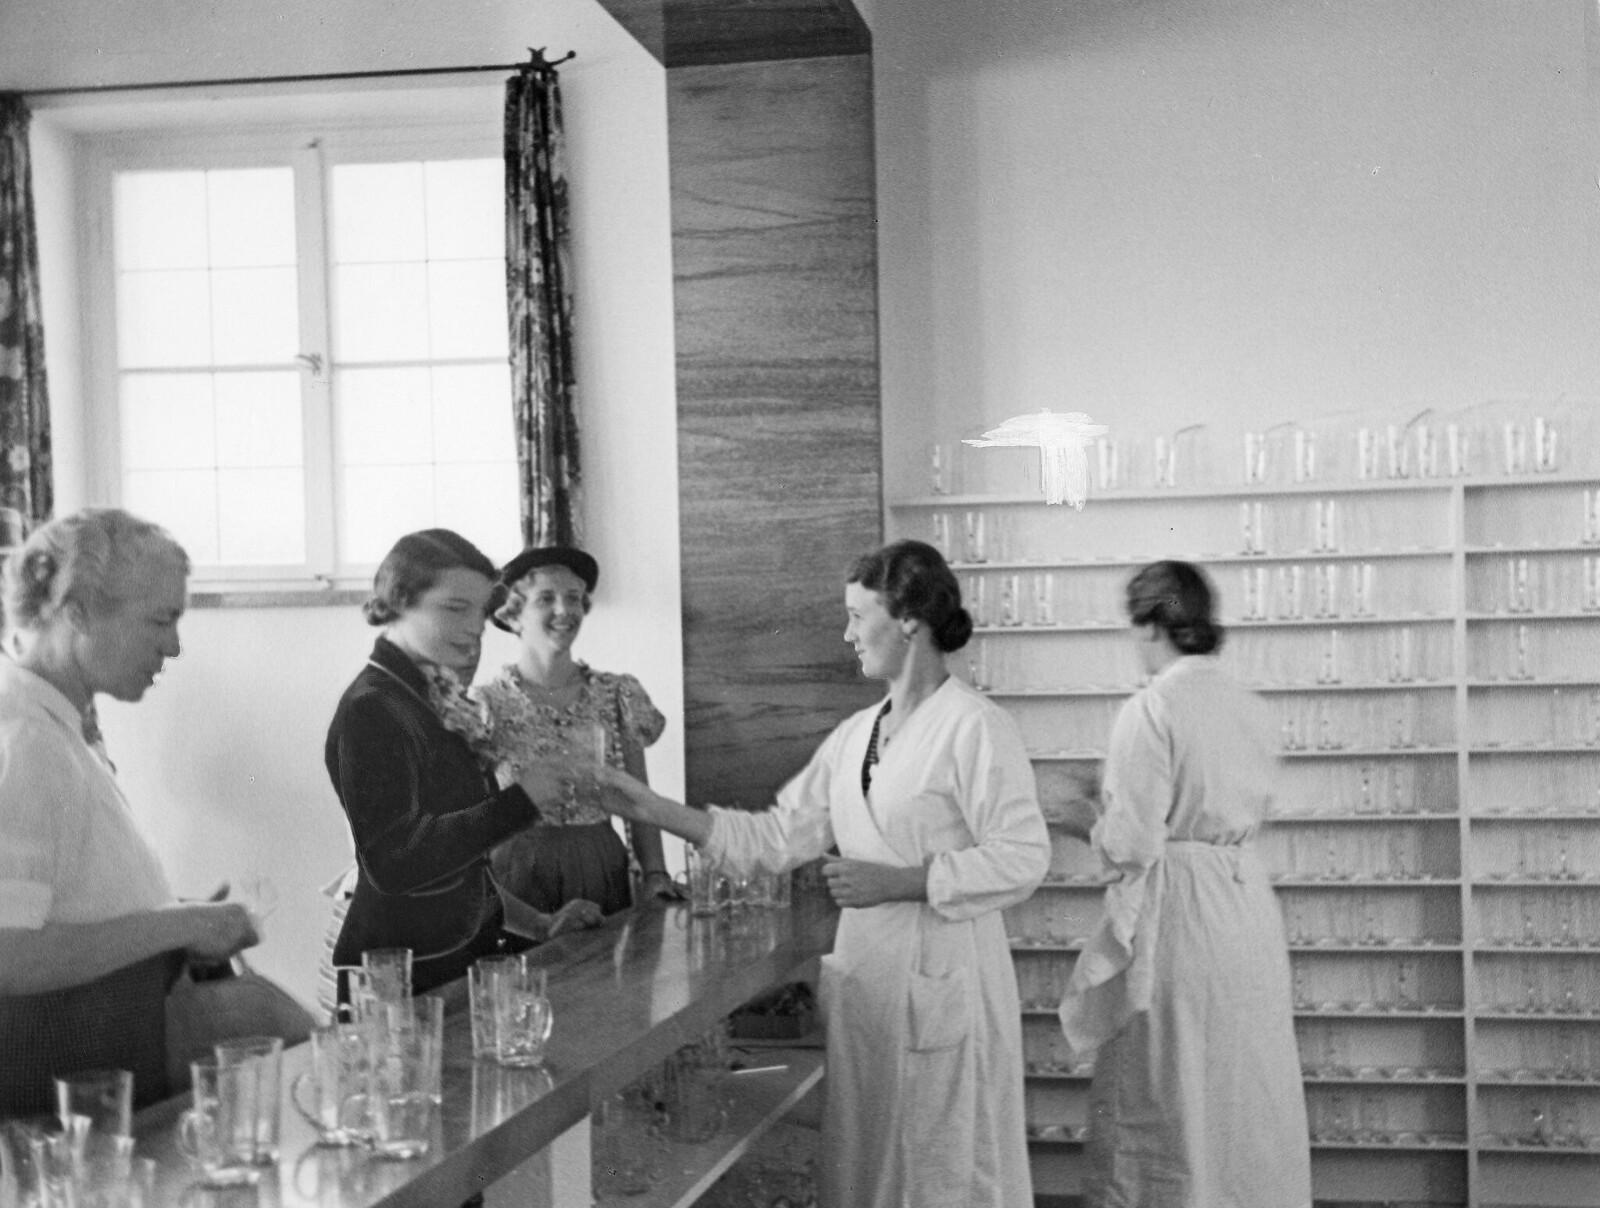 13. Бад-Висзее. Пациенты санатория пьютминеральную воду в баре